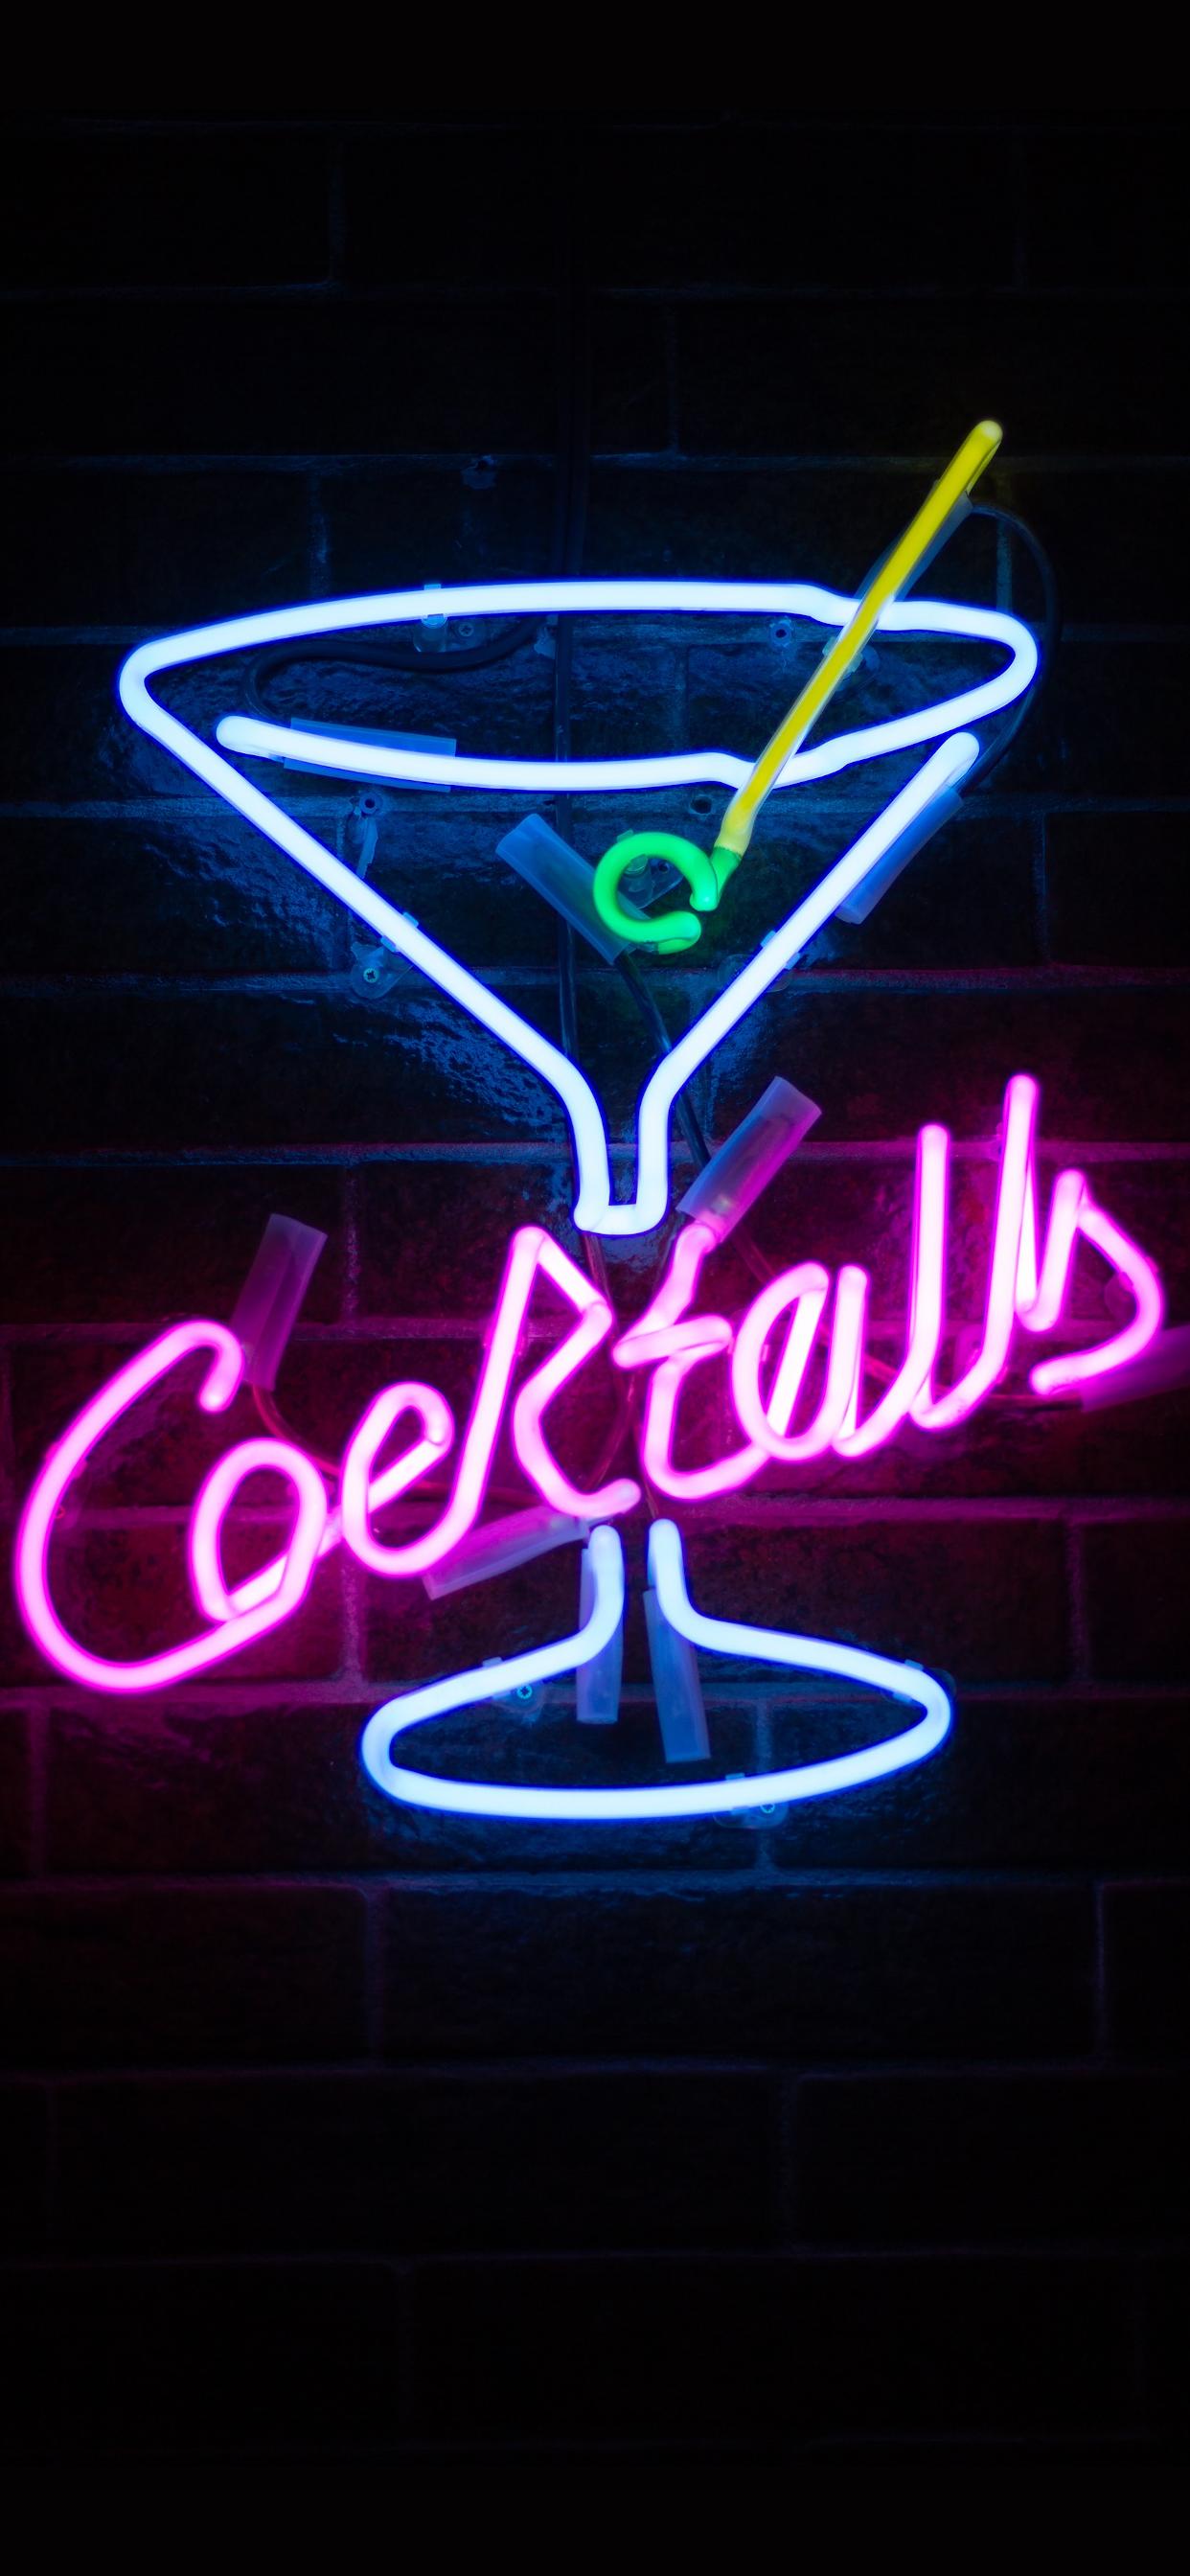 iPhone wallpapers neon sign cocktails Fonds d'écran iPhone du 03/10/2019